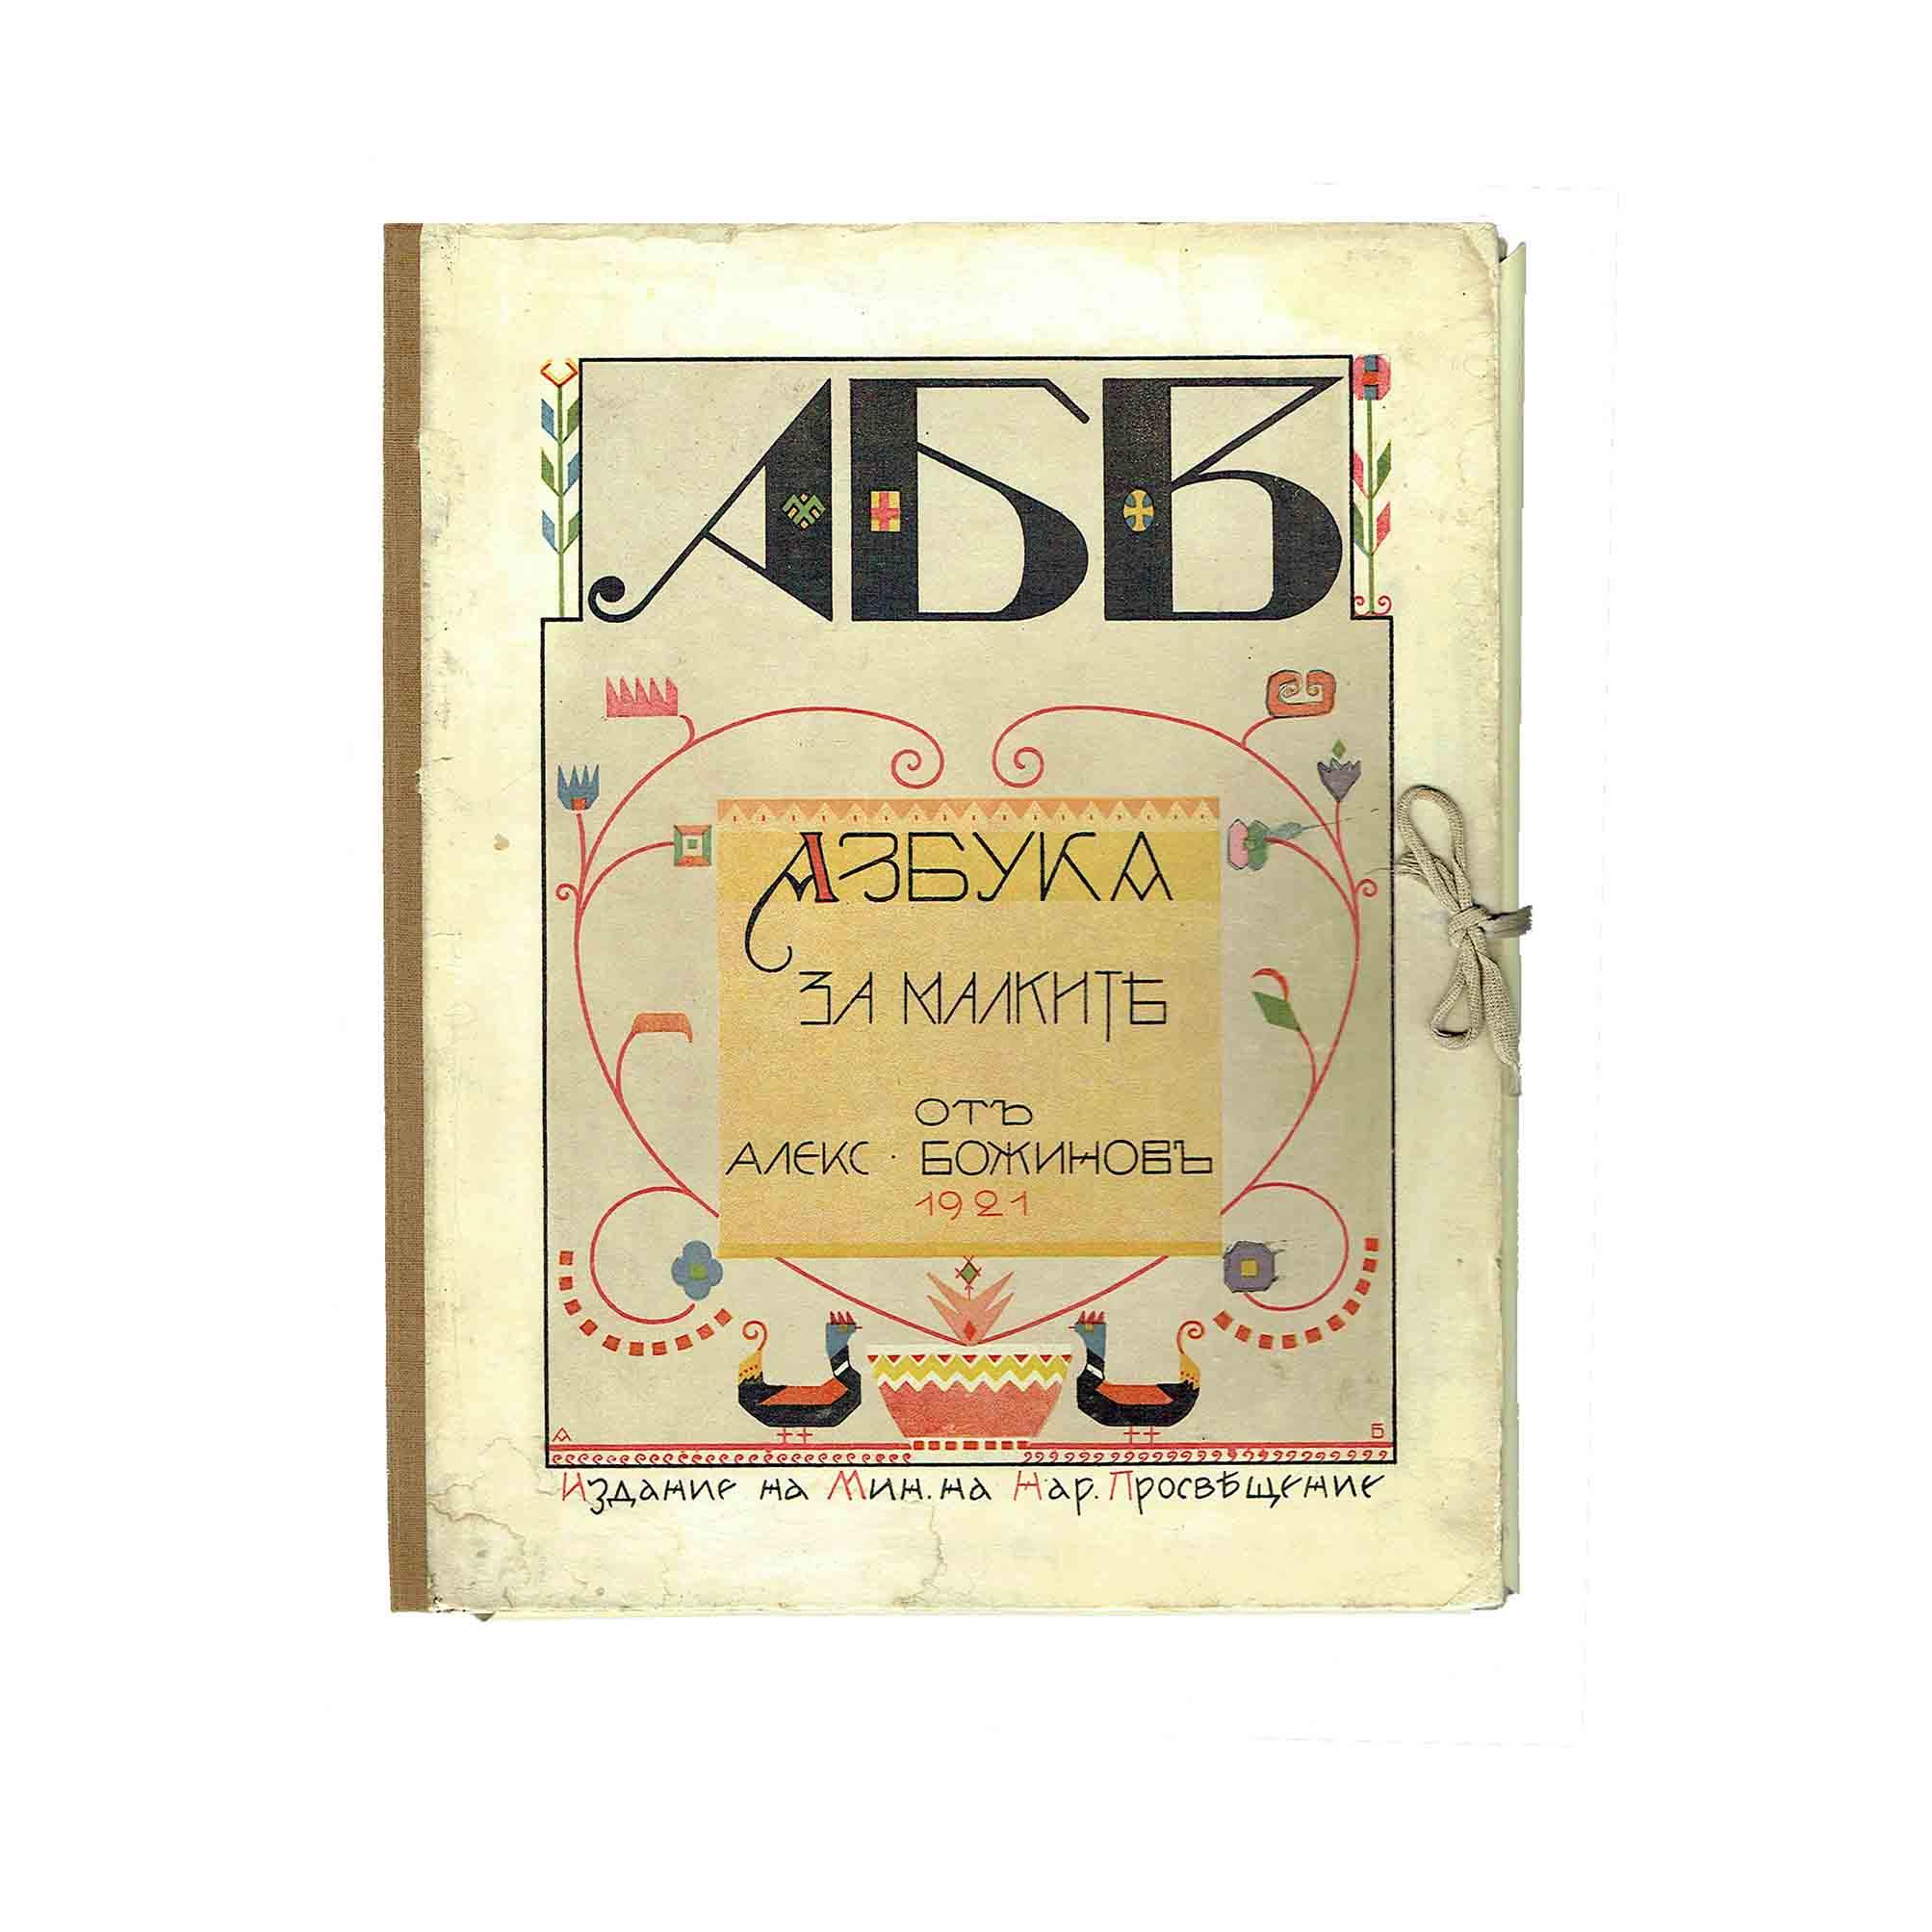 5800-Bozhinov-Azbuka-Malkite-1921-Cover-free-N.jpeg